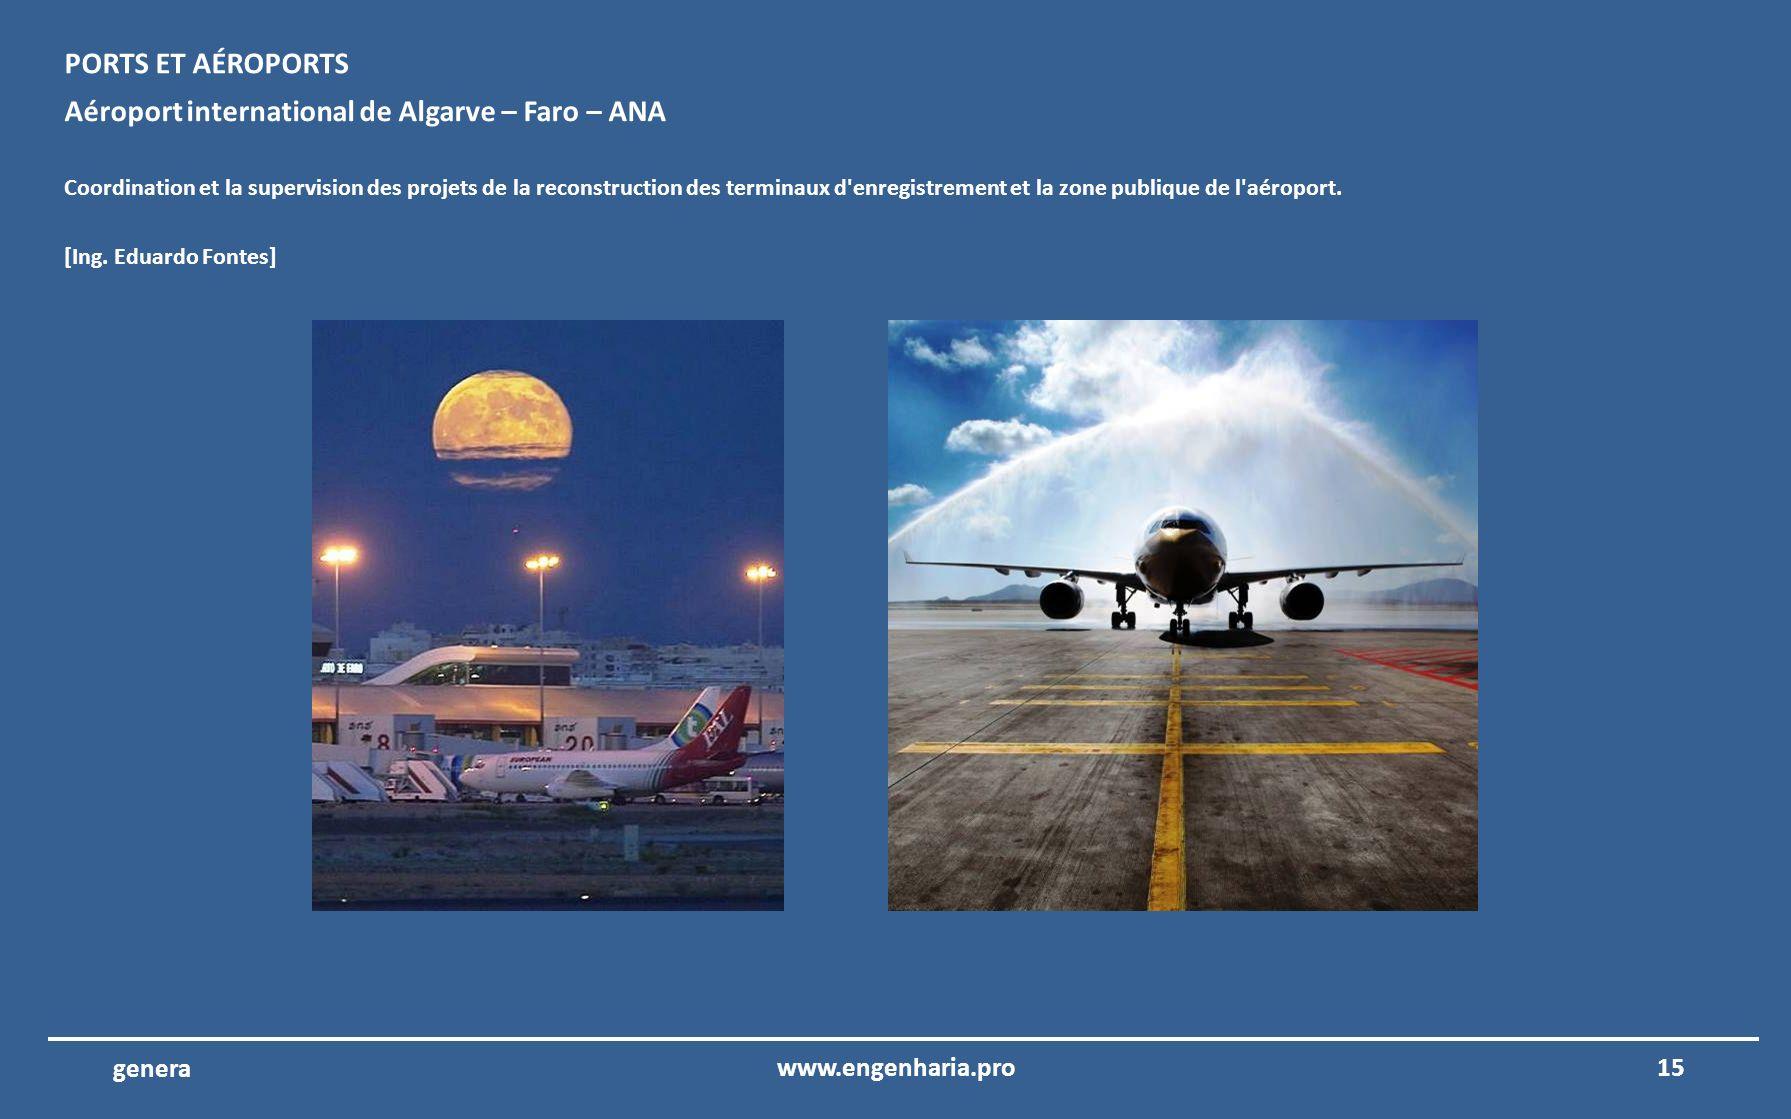 14www.engenharia.pro genera Complexe LNG Soyo – Bechtel Corporation – Angola Coordination et la supervision des projets d'ingénierie et les Batiments